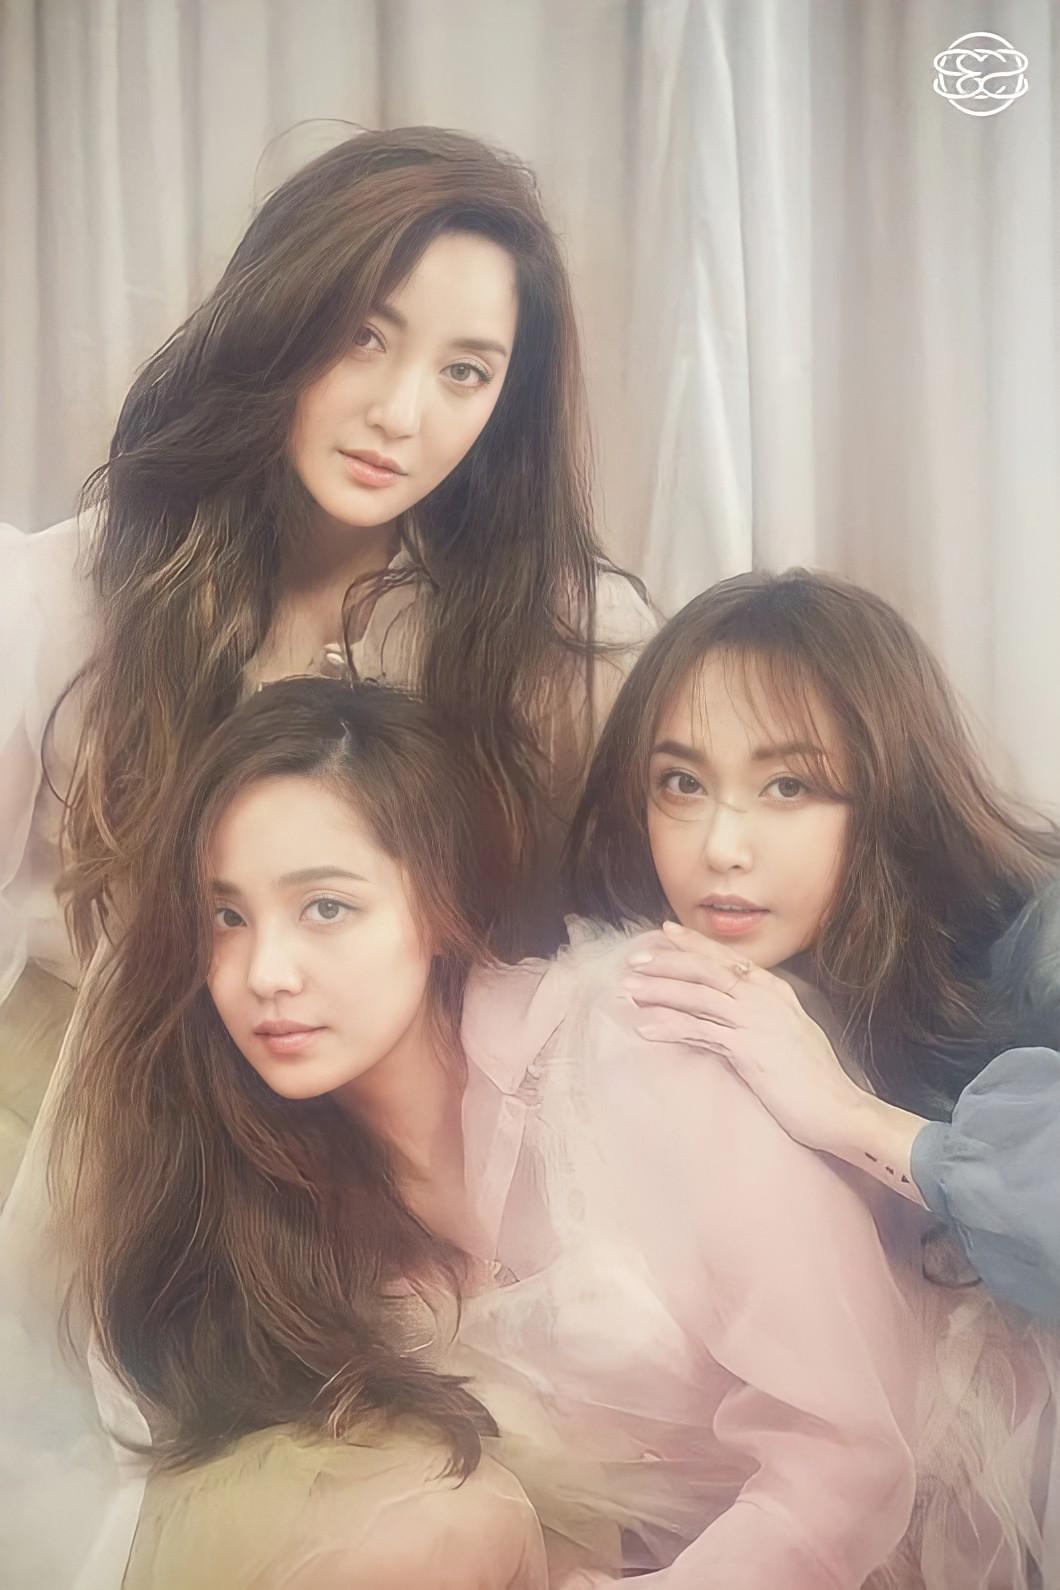 """☾ ᵉˣᵒ ᵗᵒ ᵗʰᵉ ᵐᵒᵒⁿ ᵃⁿᵈ ᵇᵃᶜᵏ 🌒 on Twitter: """"S.E.S (Sea Eugene Shoo), girl grup generasi pertama dari SM Entertainment (1997) dan mbak Eugene posisinya sebagai visual di grup ini 🤩…"""